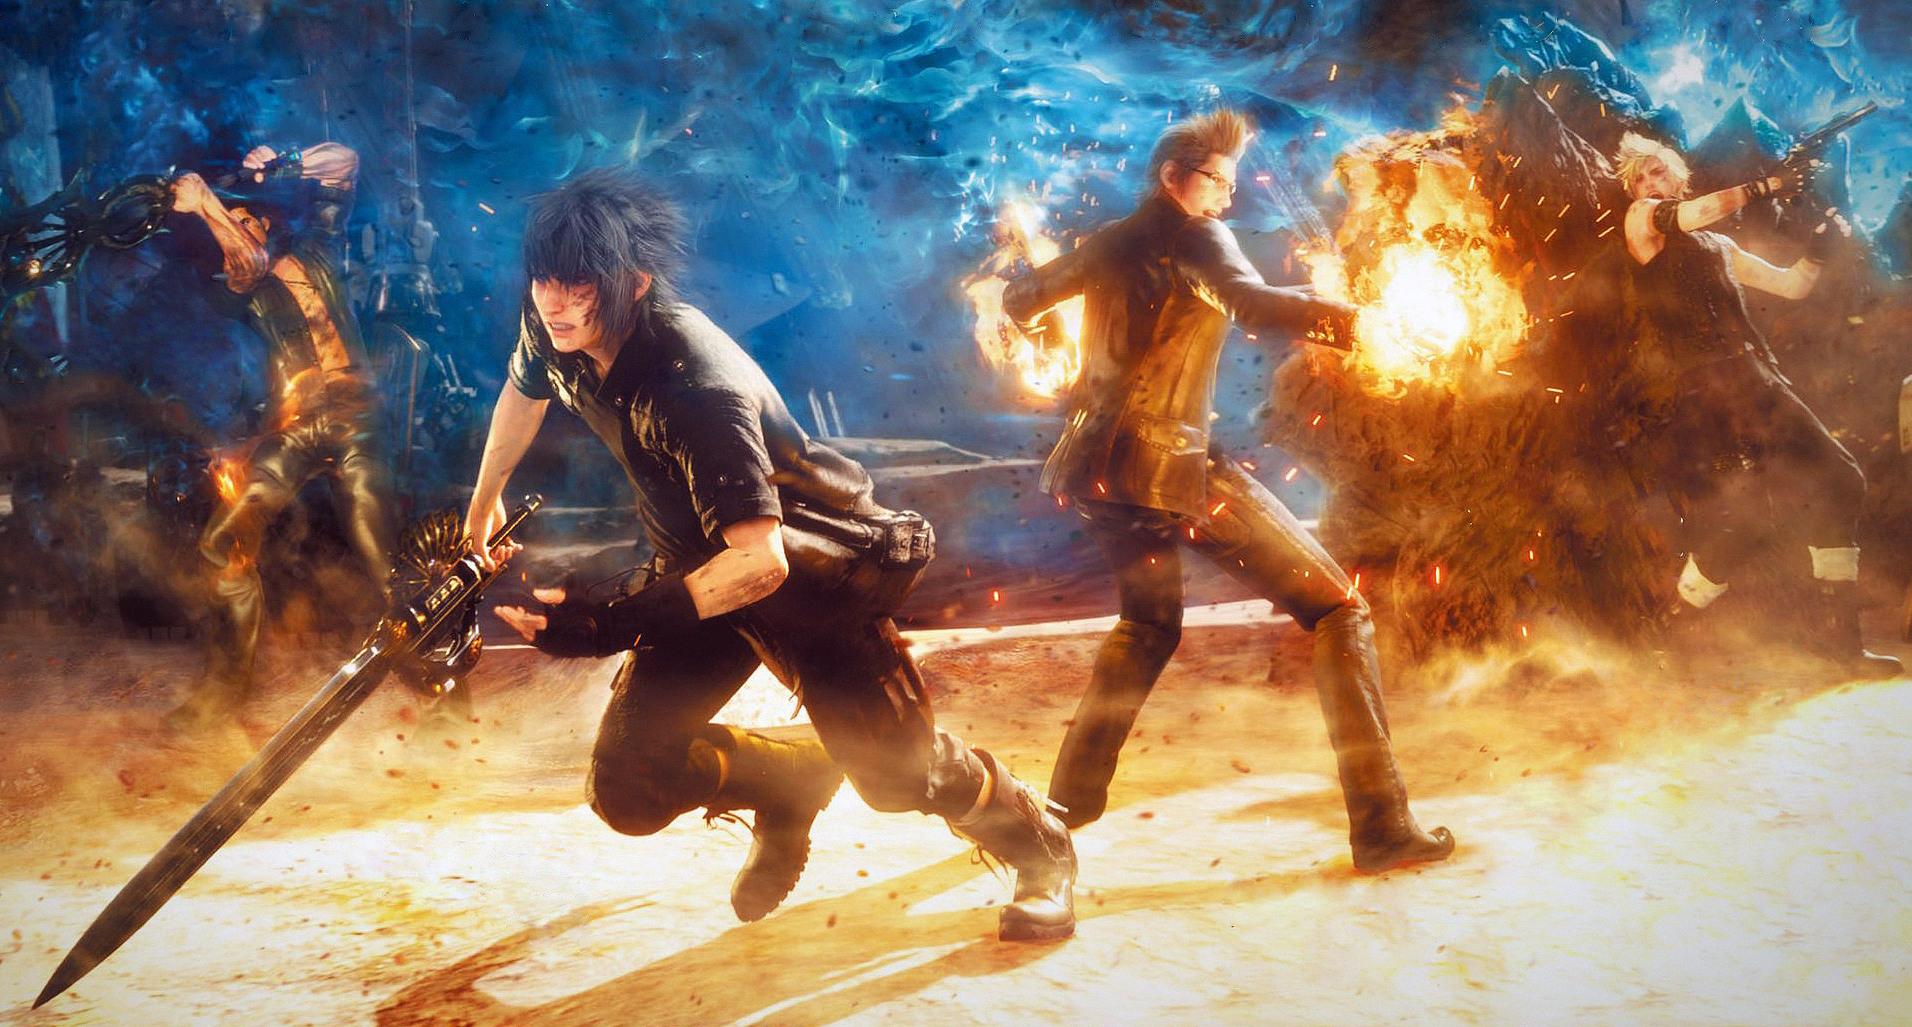 Final Fantasy XV PC screenshots header image